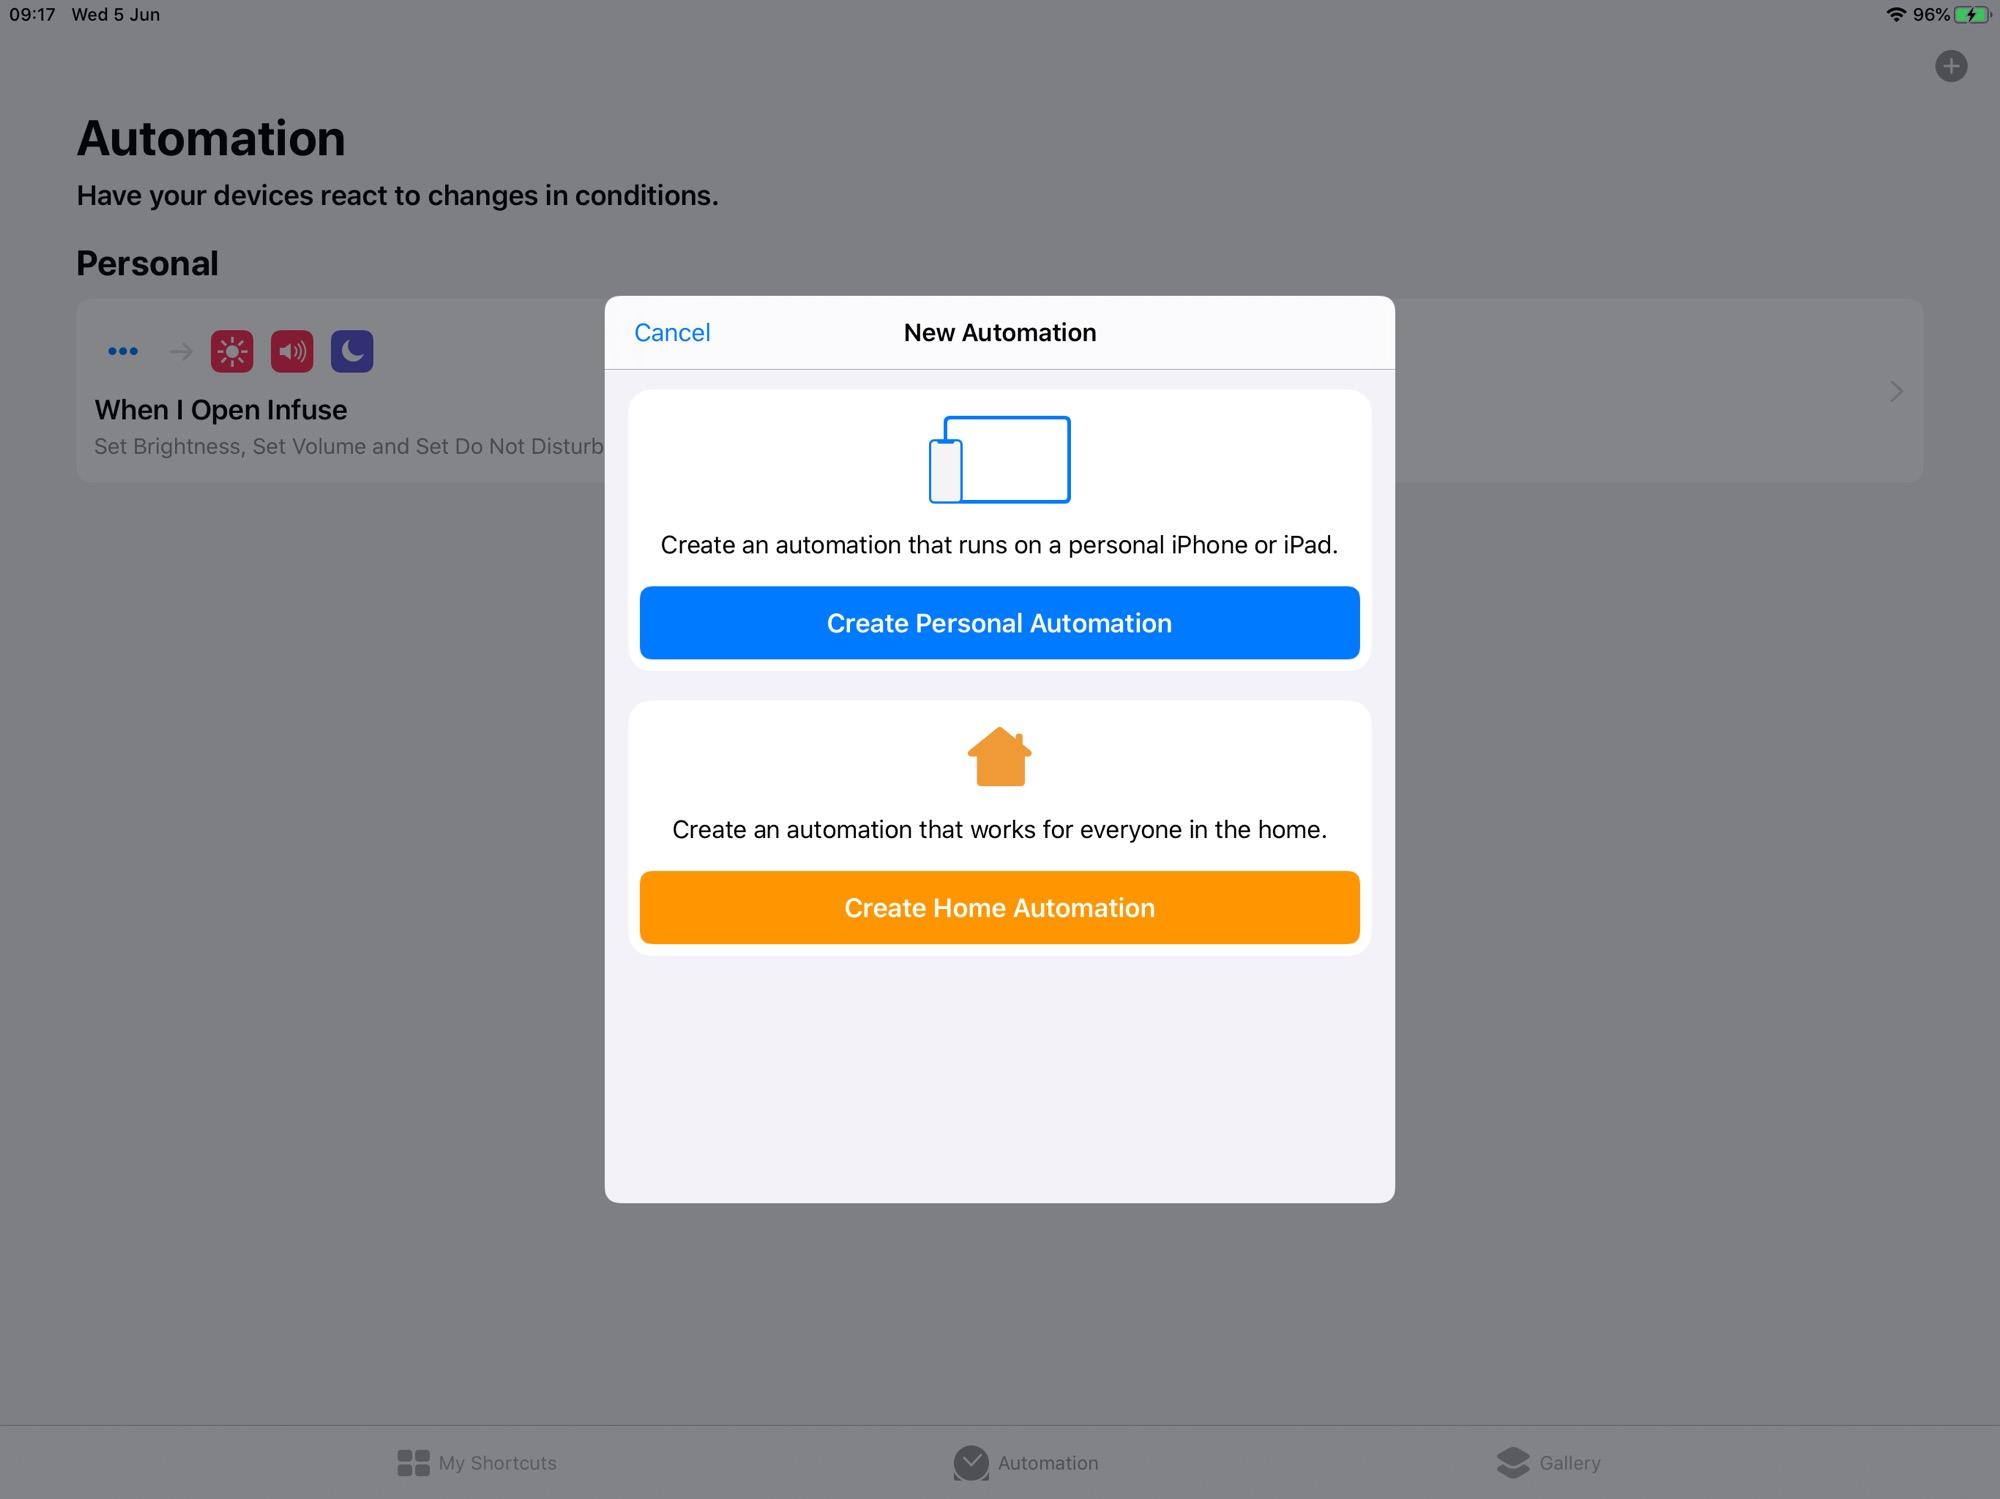 Accesos directos gana dos nuevos tipos de automatización en iOS 13.